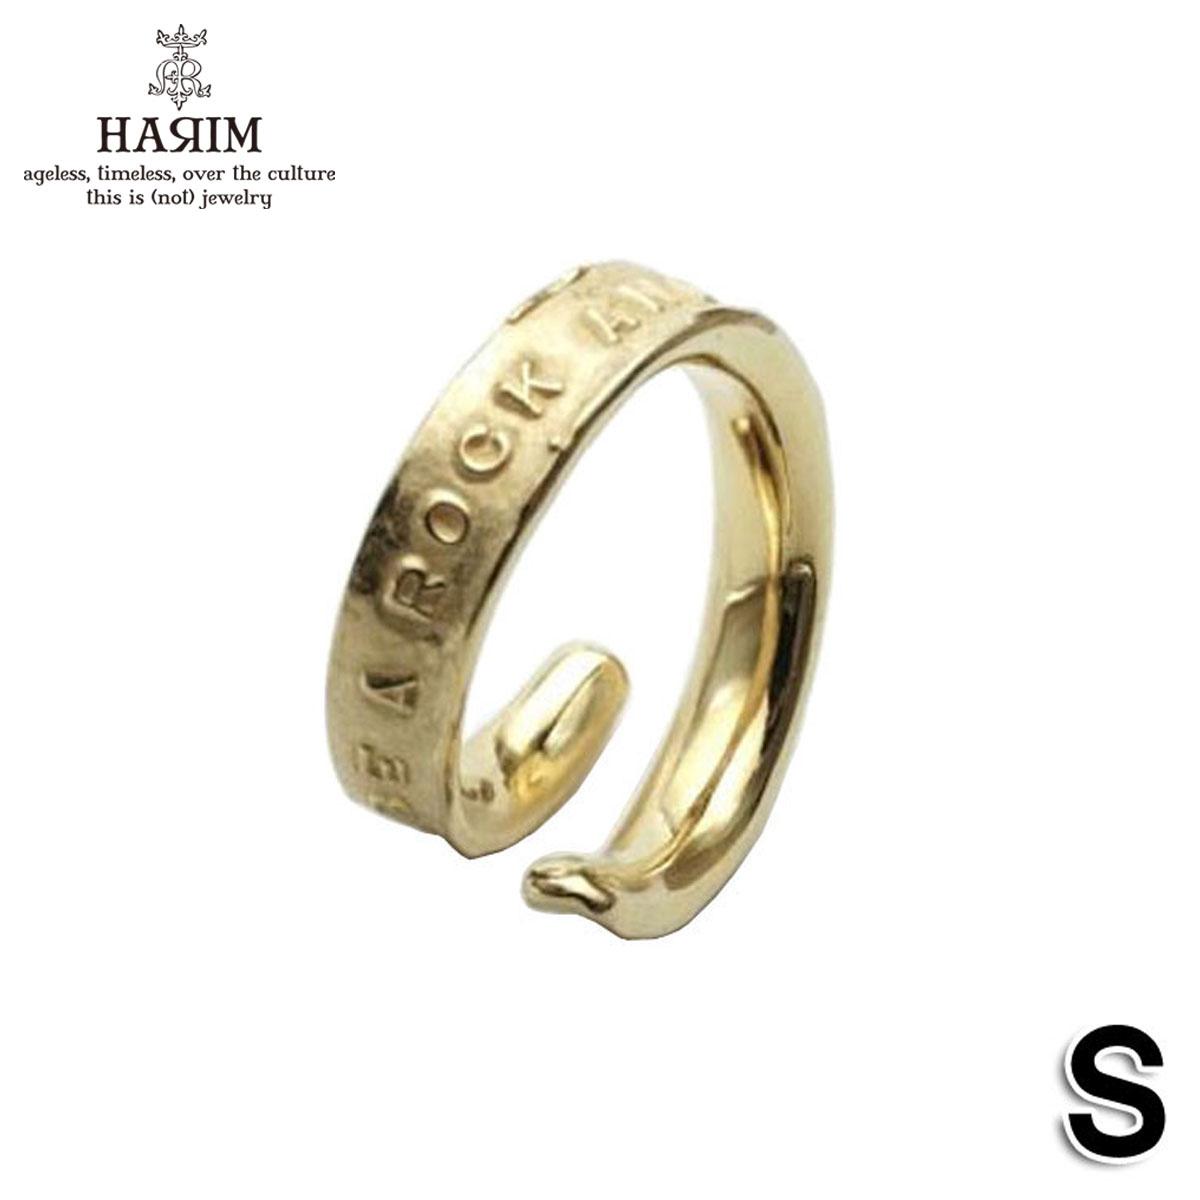 ハリム HARIM 正規販売店 指輪 リング STAIRWAY TO HEAVEN FREE RING S HRR039GP S SILVER 925 K18YG GOLD PLATING A82B B3C C3D D8E E33F